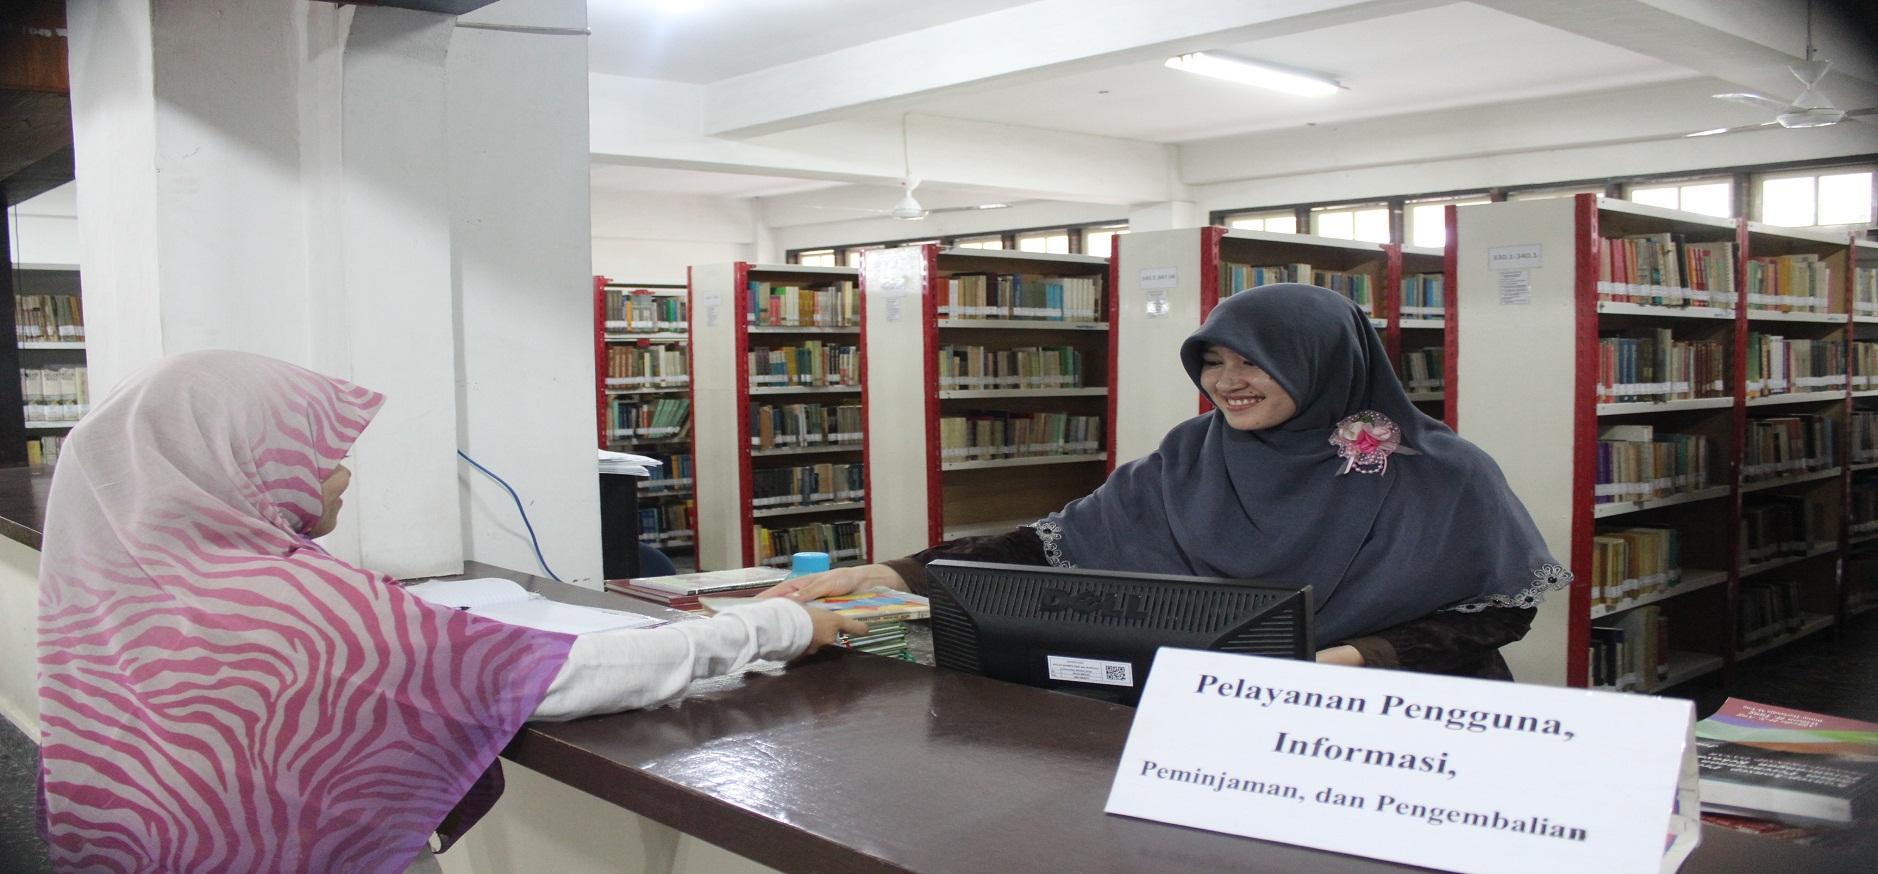 pelayanan sirkulasi di perpustakaan uma